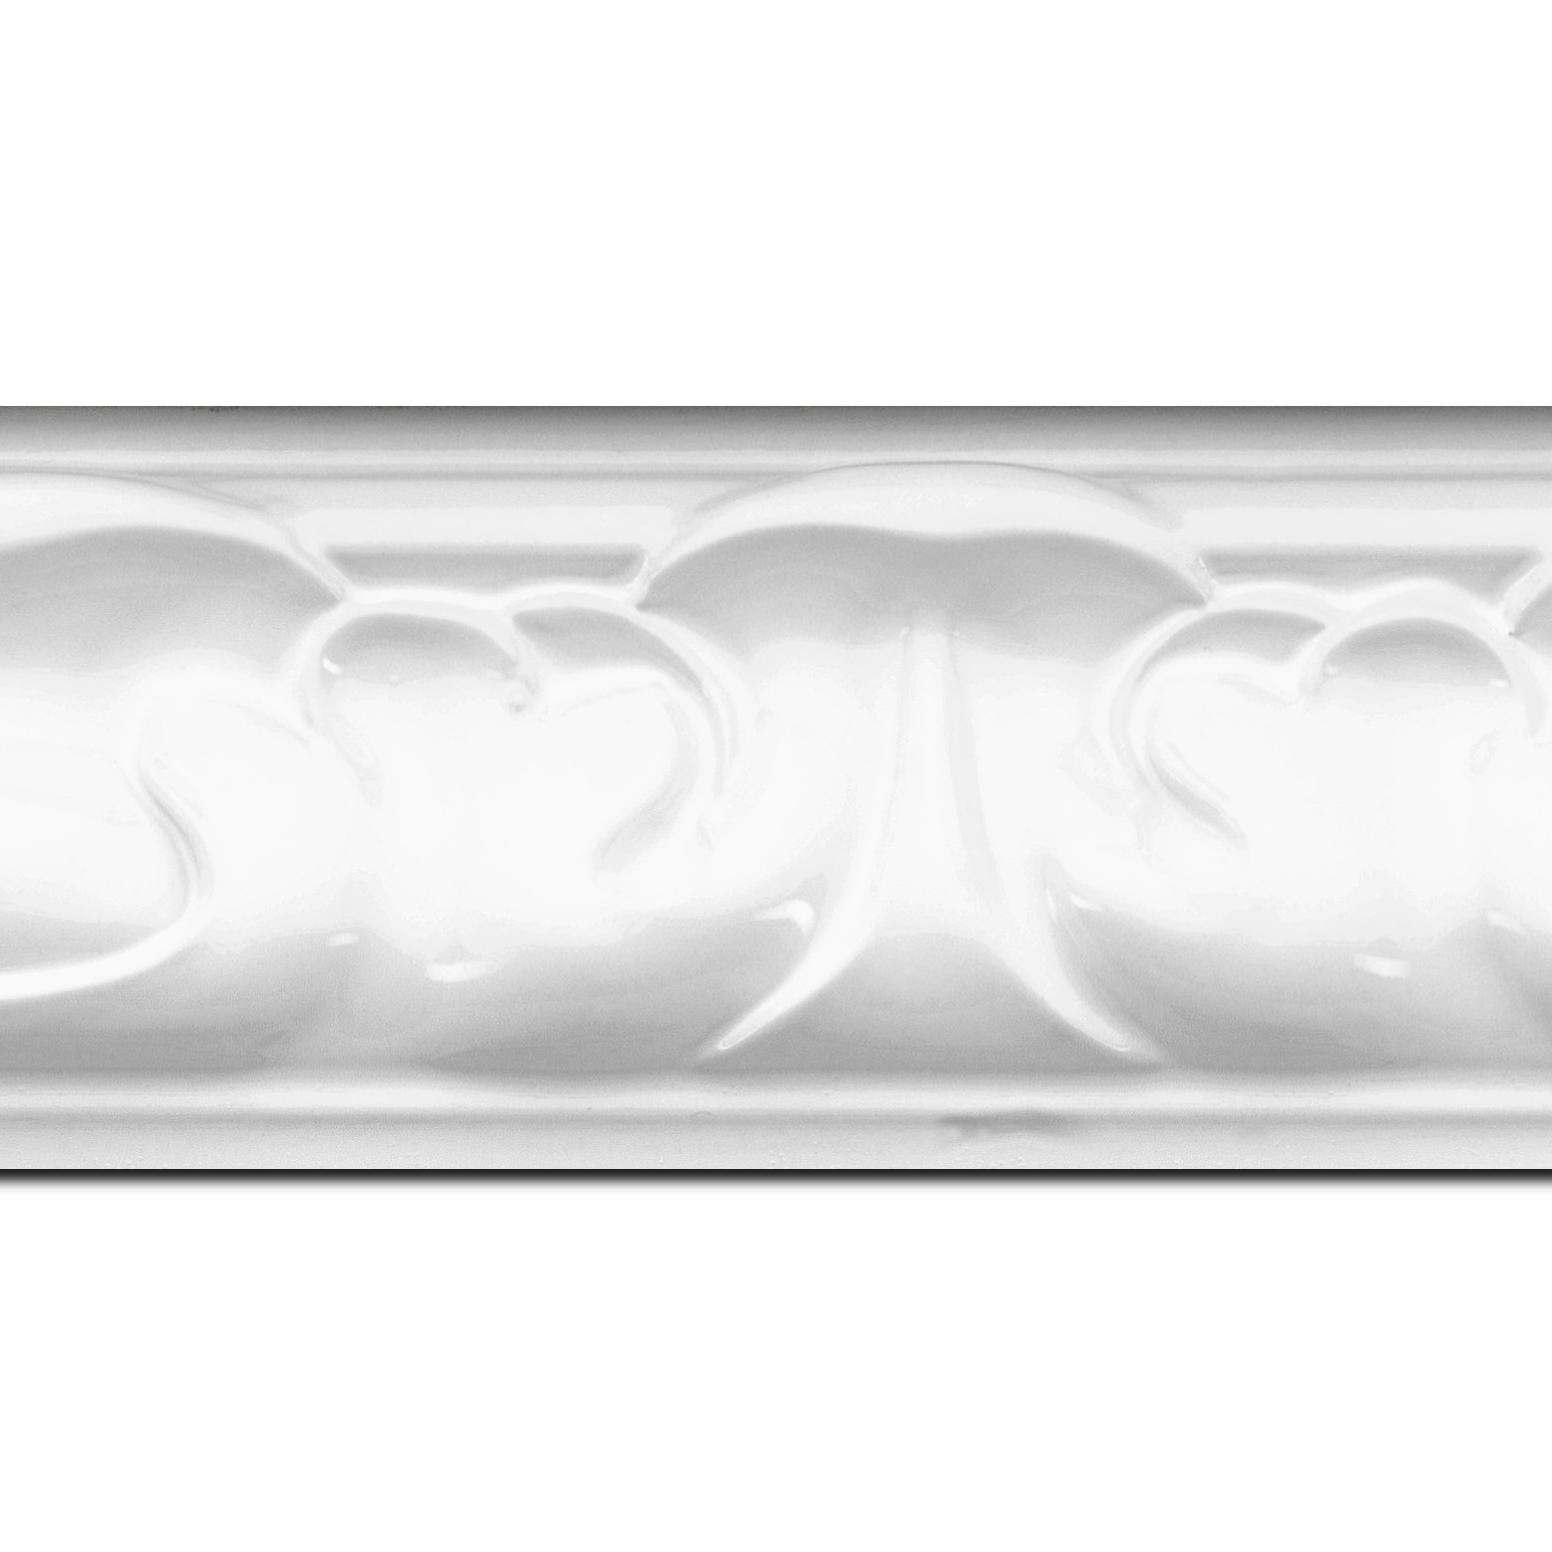 Pack par 12m, bois profil doucine largeur 7.8cm couleur blanc brillant style baroque (longueur baguette pouvant varier entre 2.40m et 3m selon arrivage des bois)